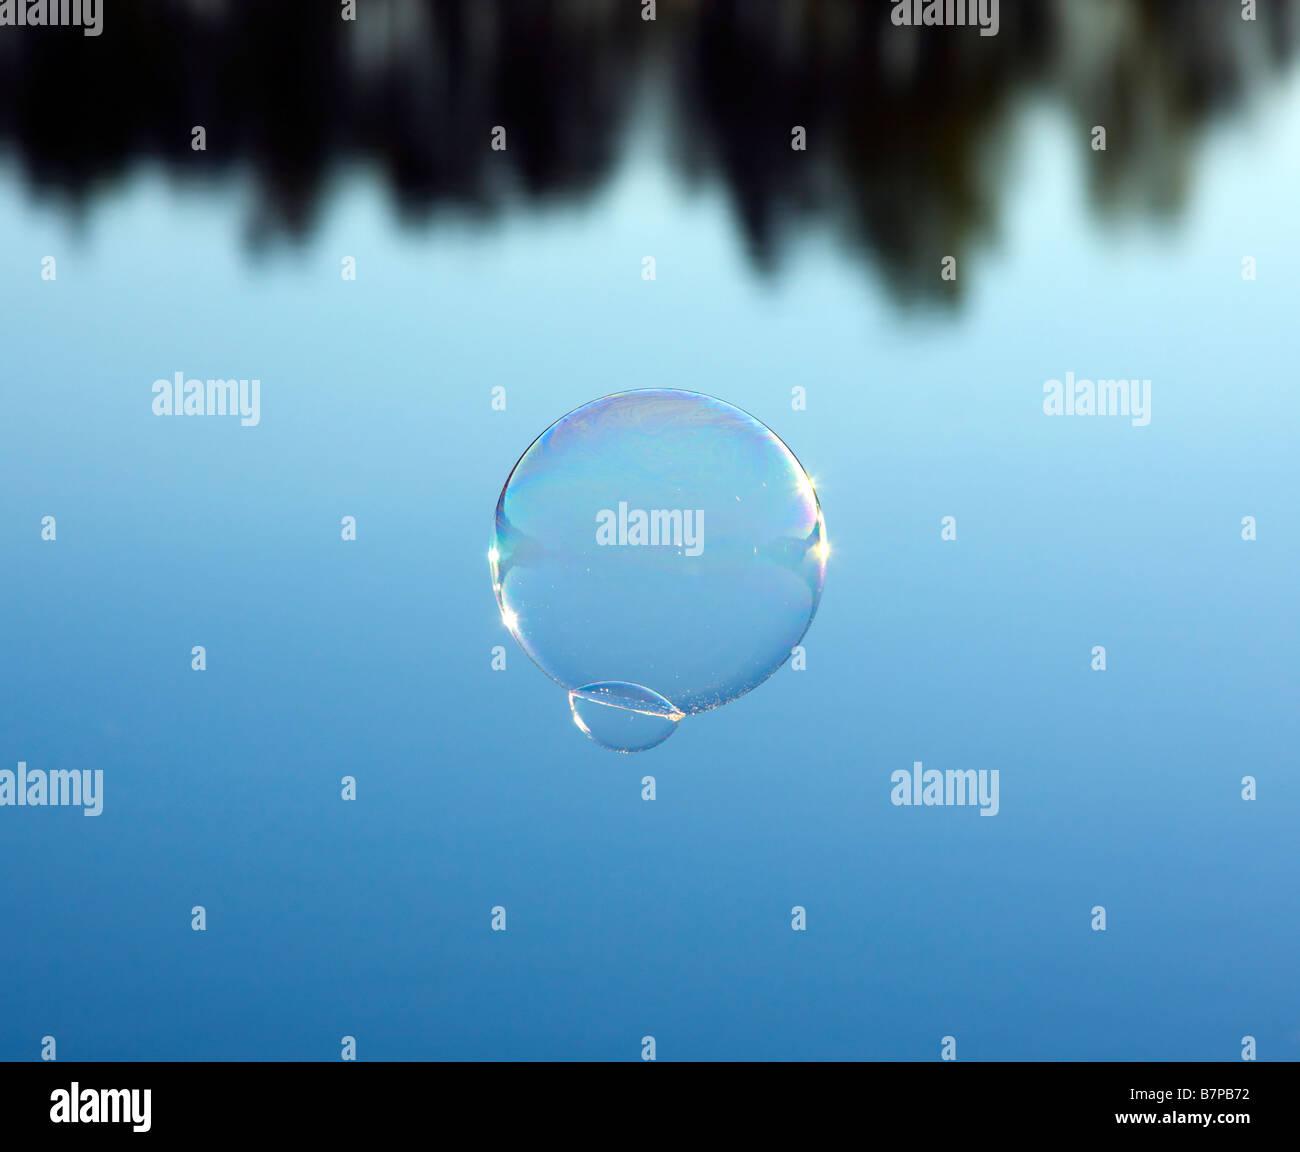 En vol au dessus de la bulle d'eau bleu Photo Stock